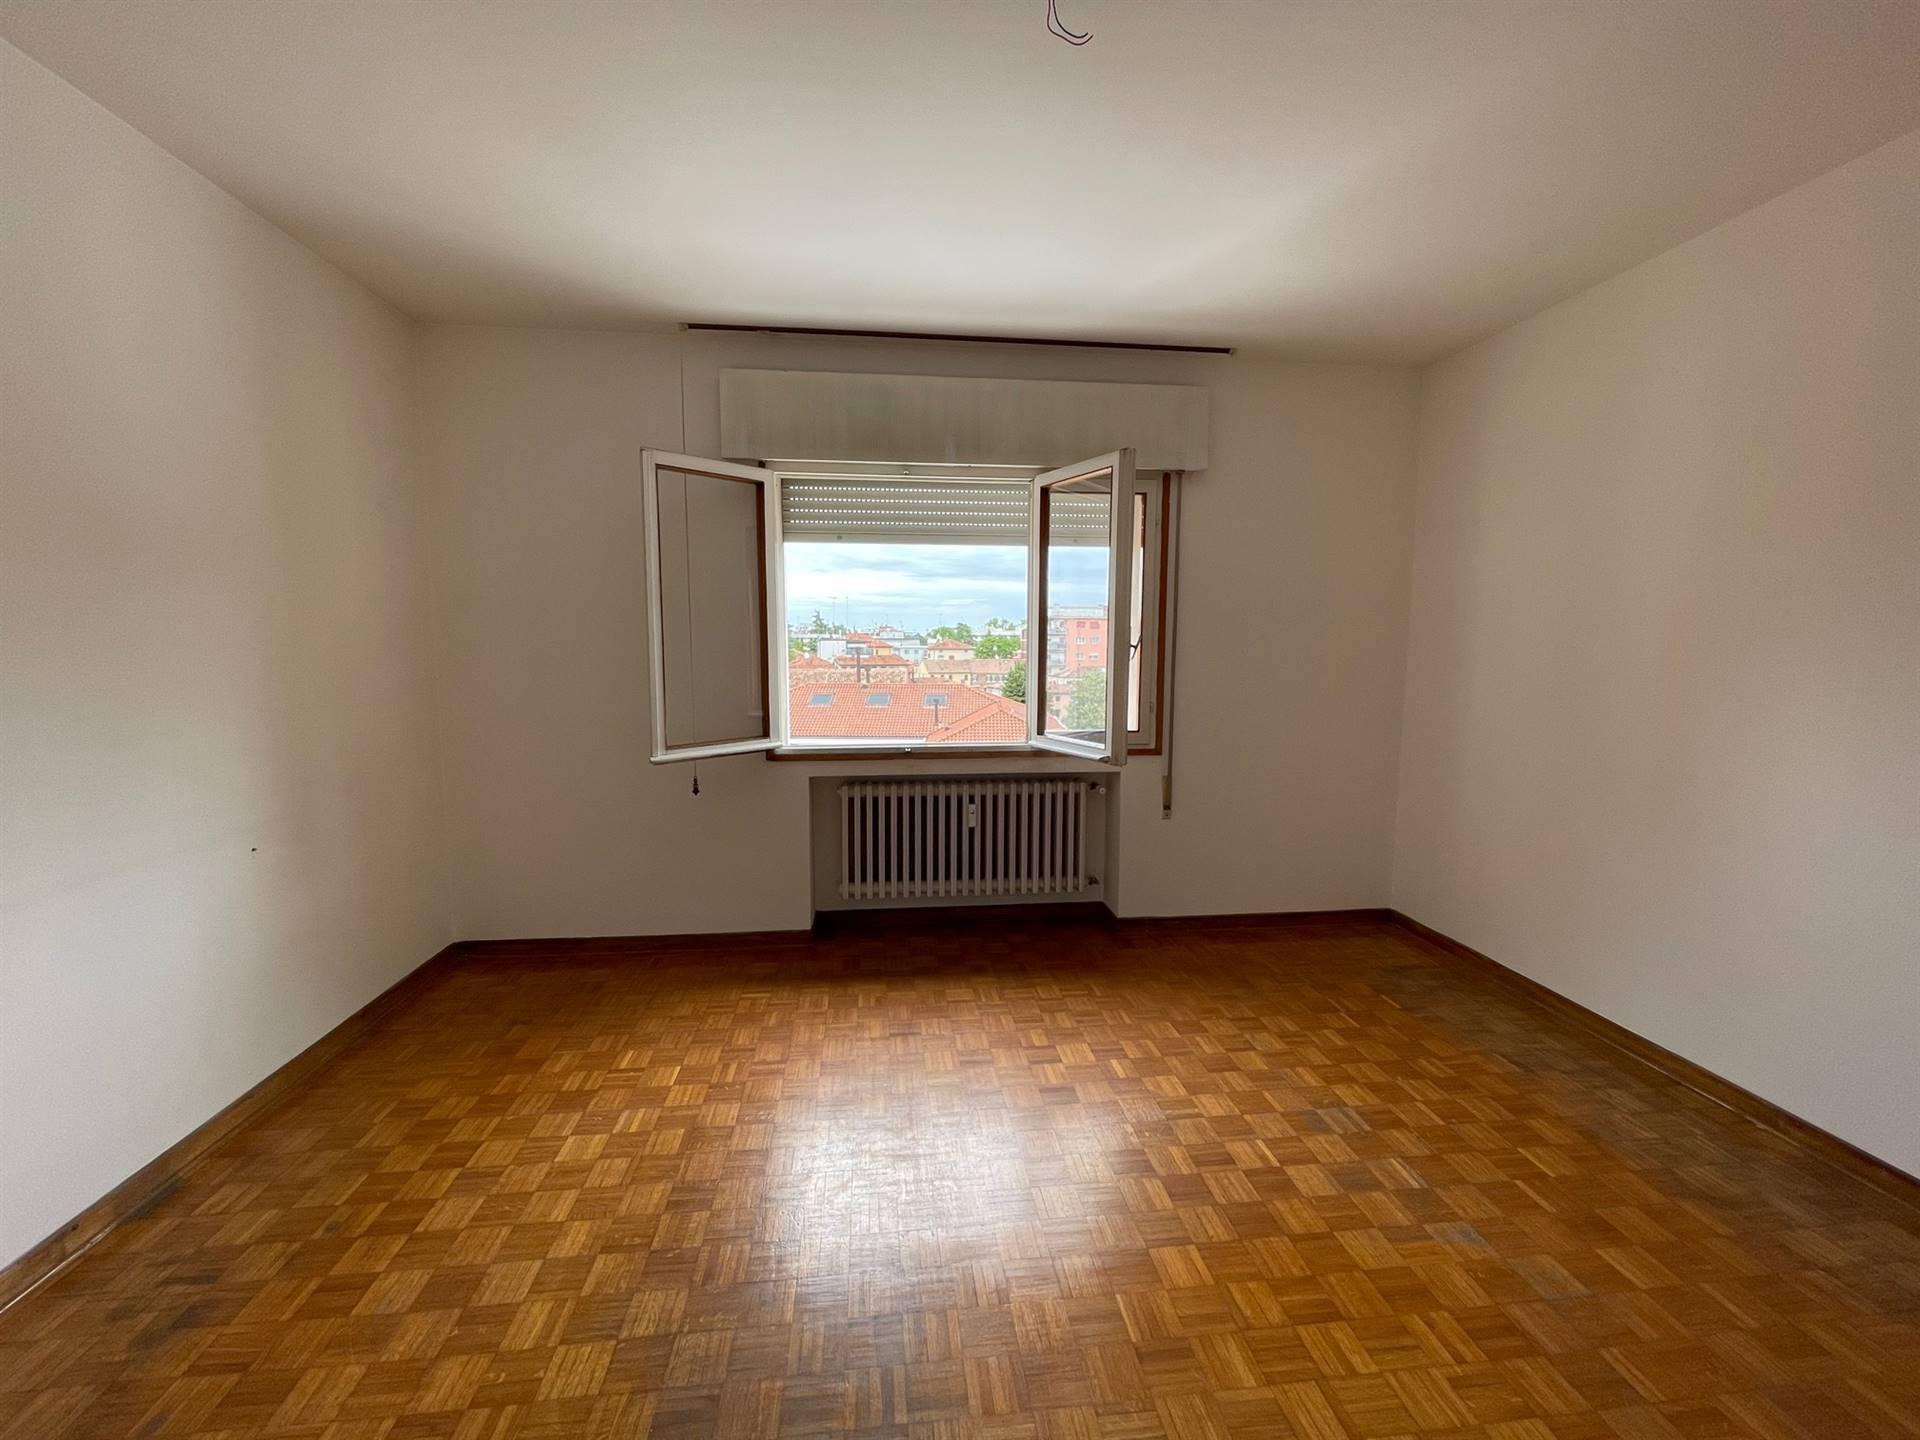 camera appartamento Mestre centralissimo 140 mq